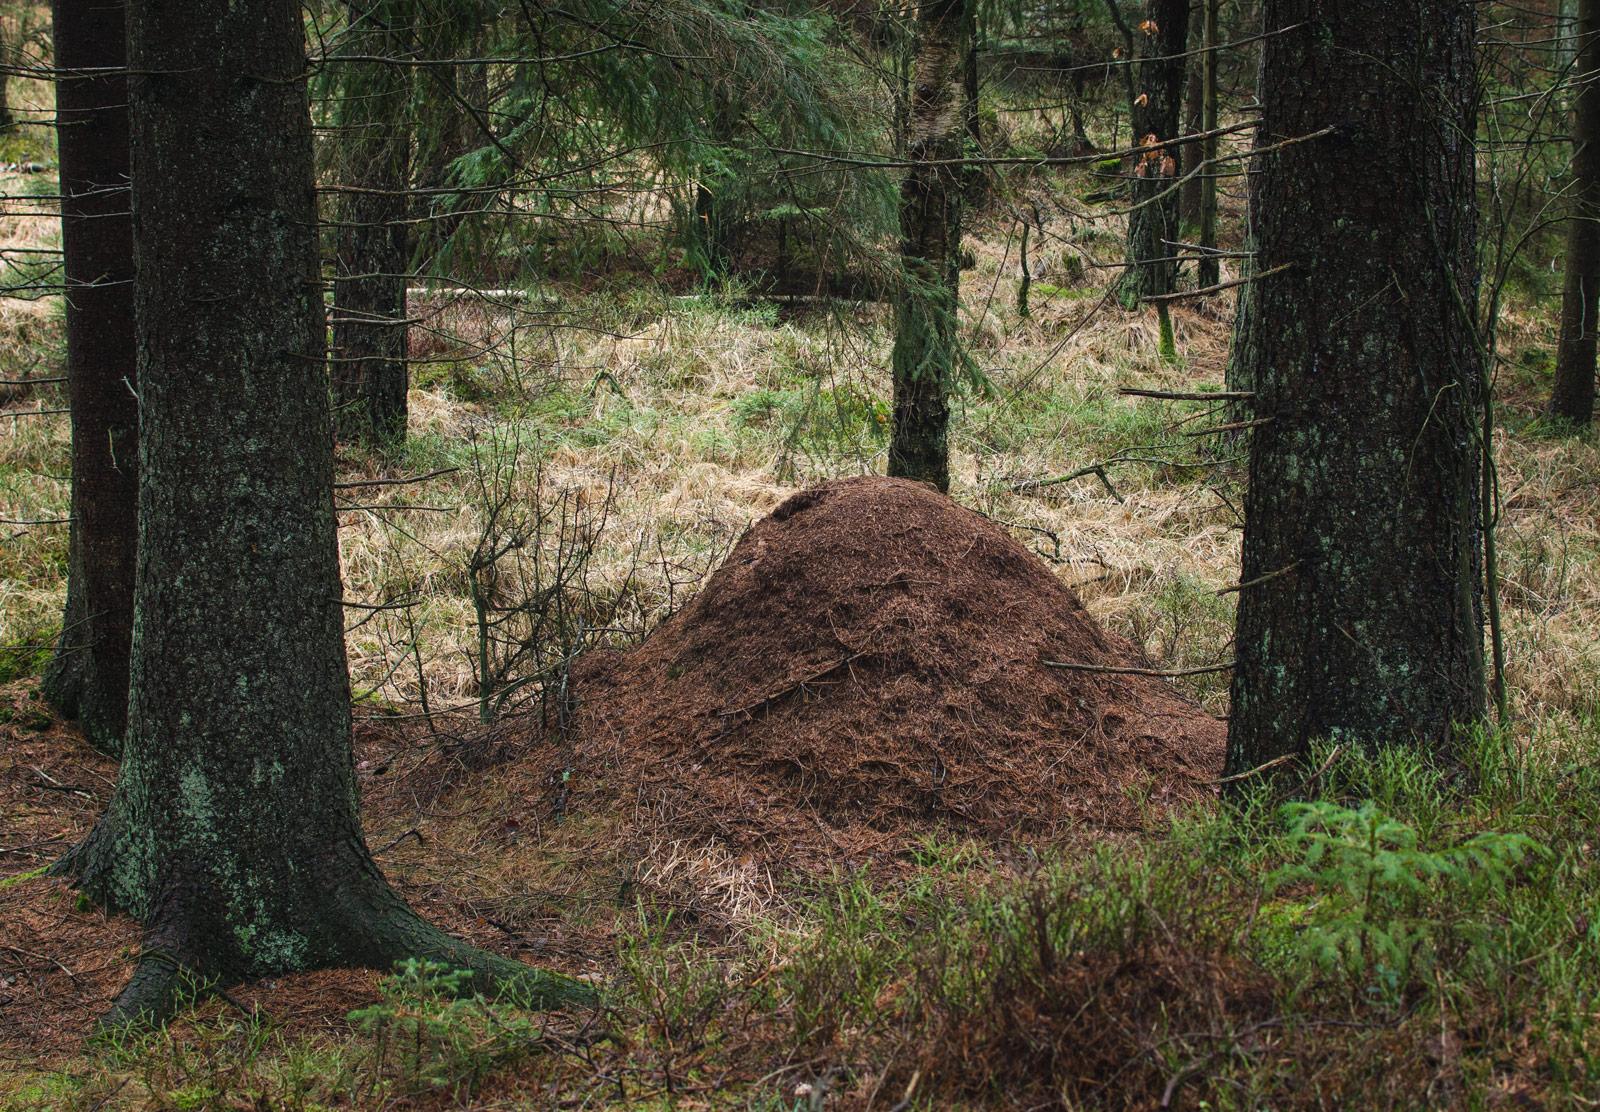 Dirt mound